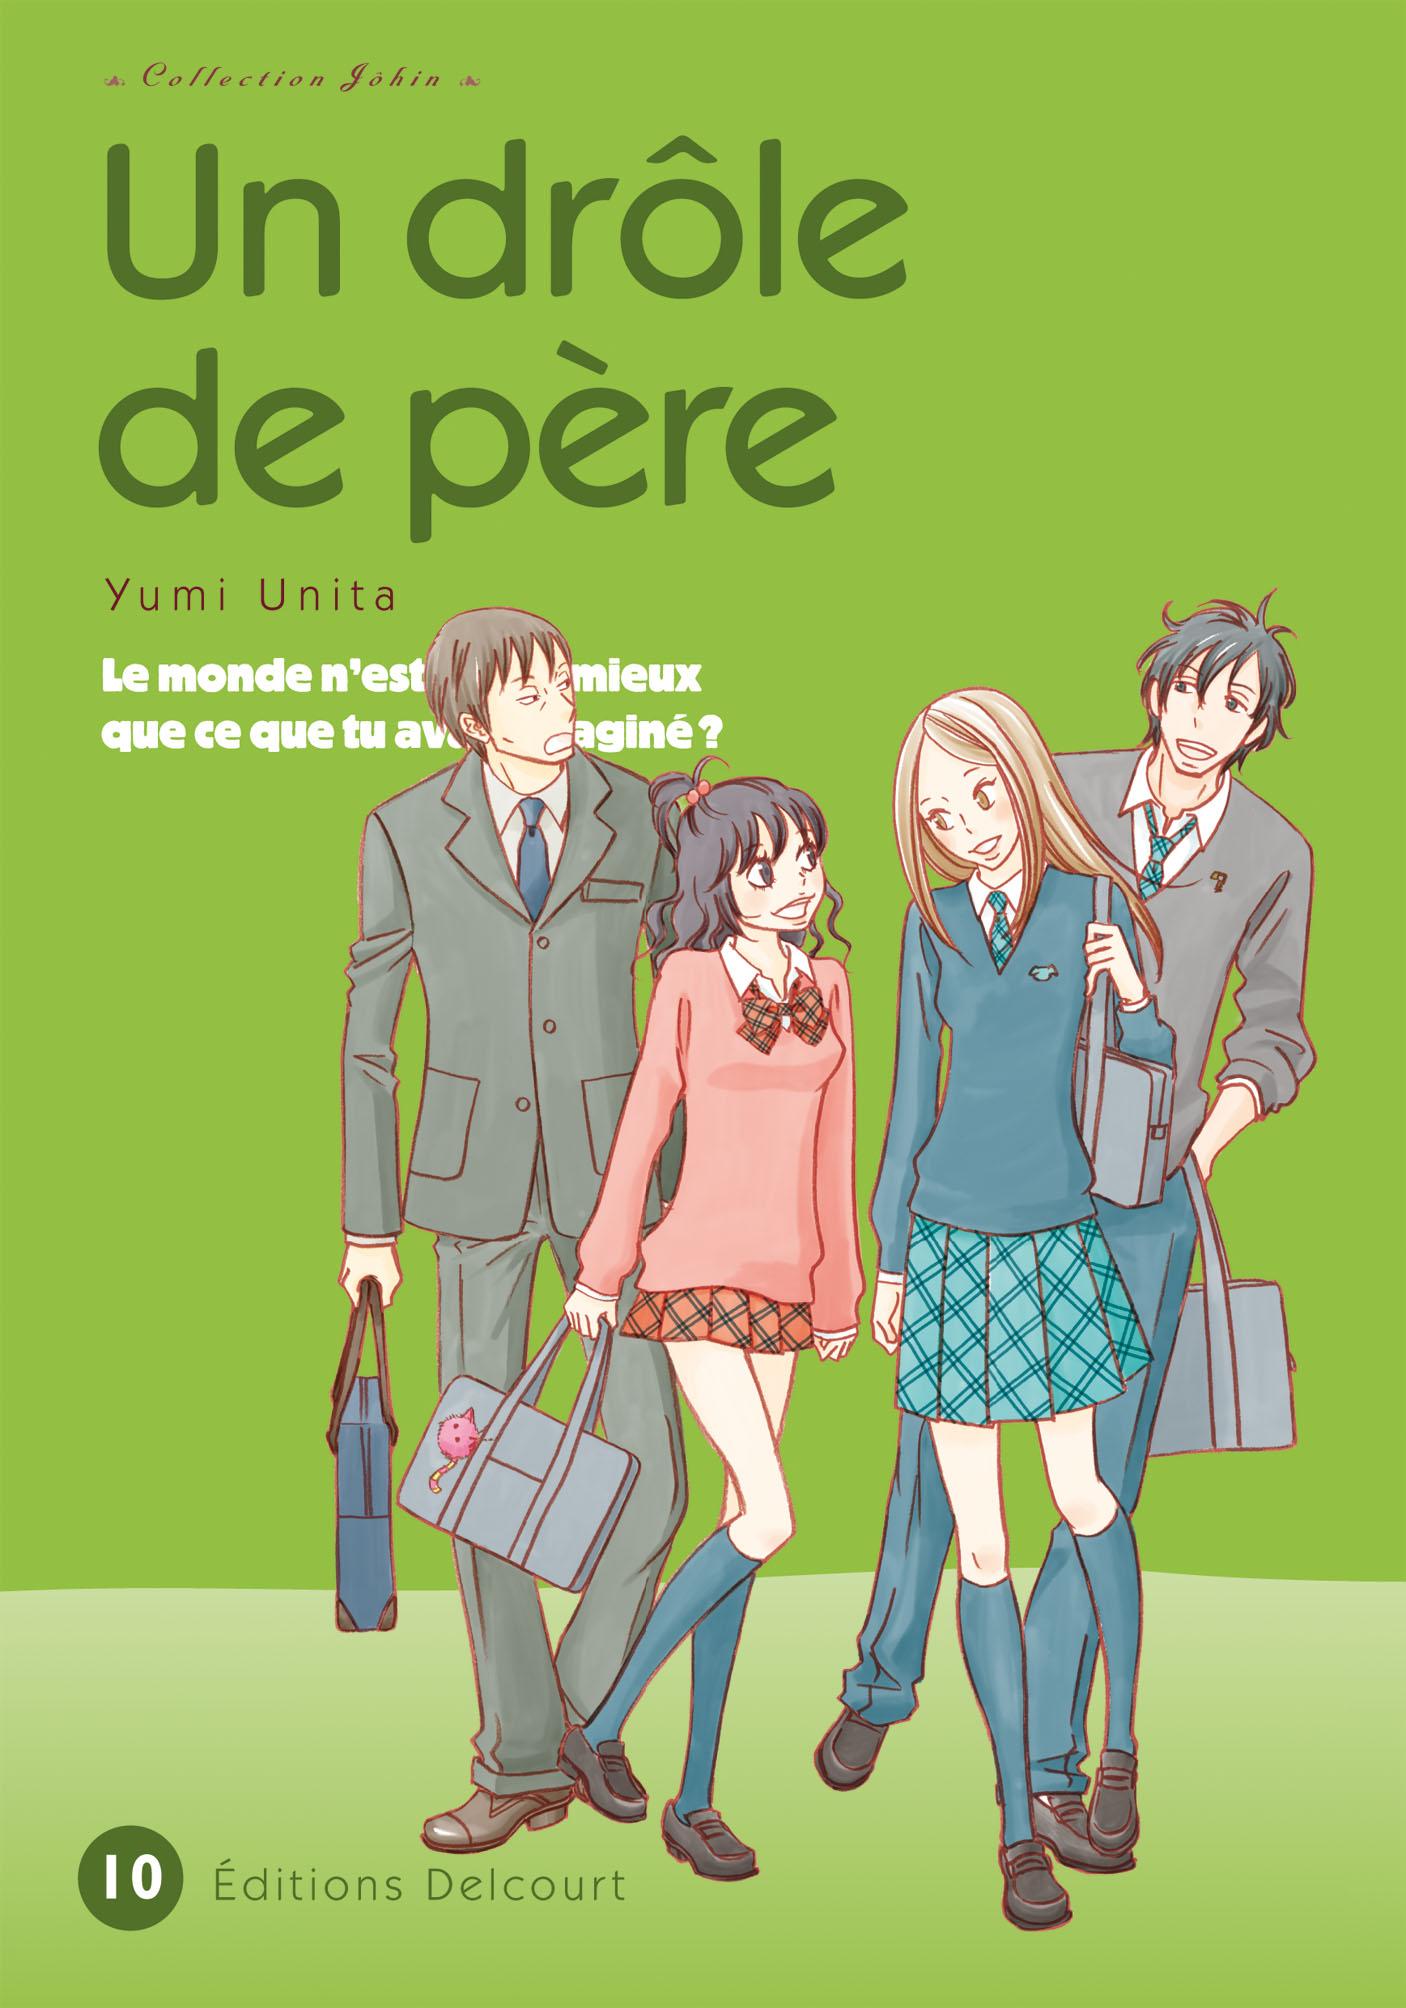 http://img.manga-sanctuary.com/big/un-drole-de-pere-manga-volume-10-simple-60605.jpg